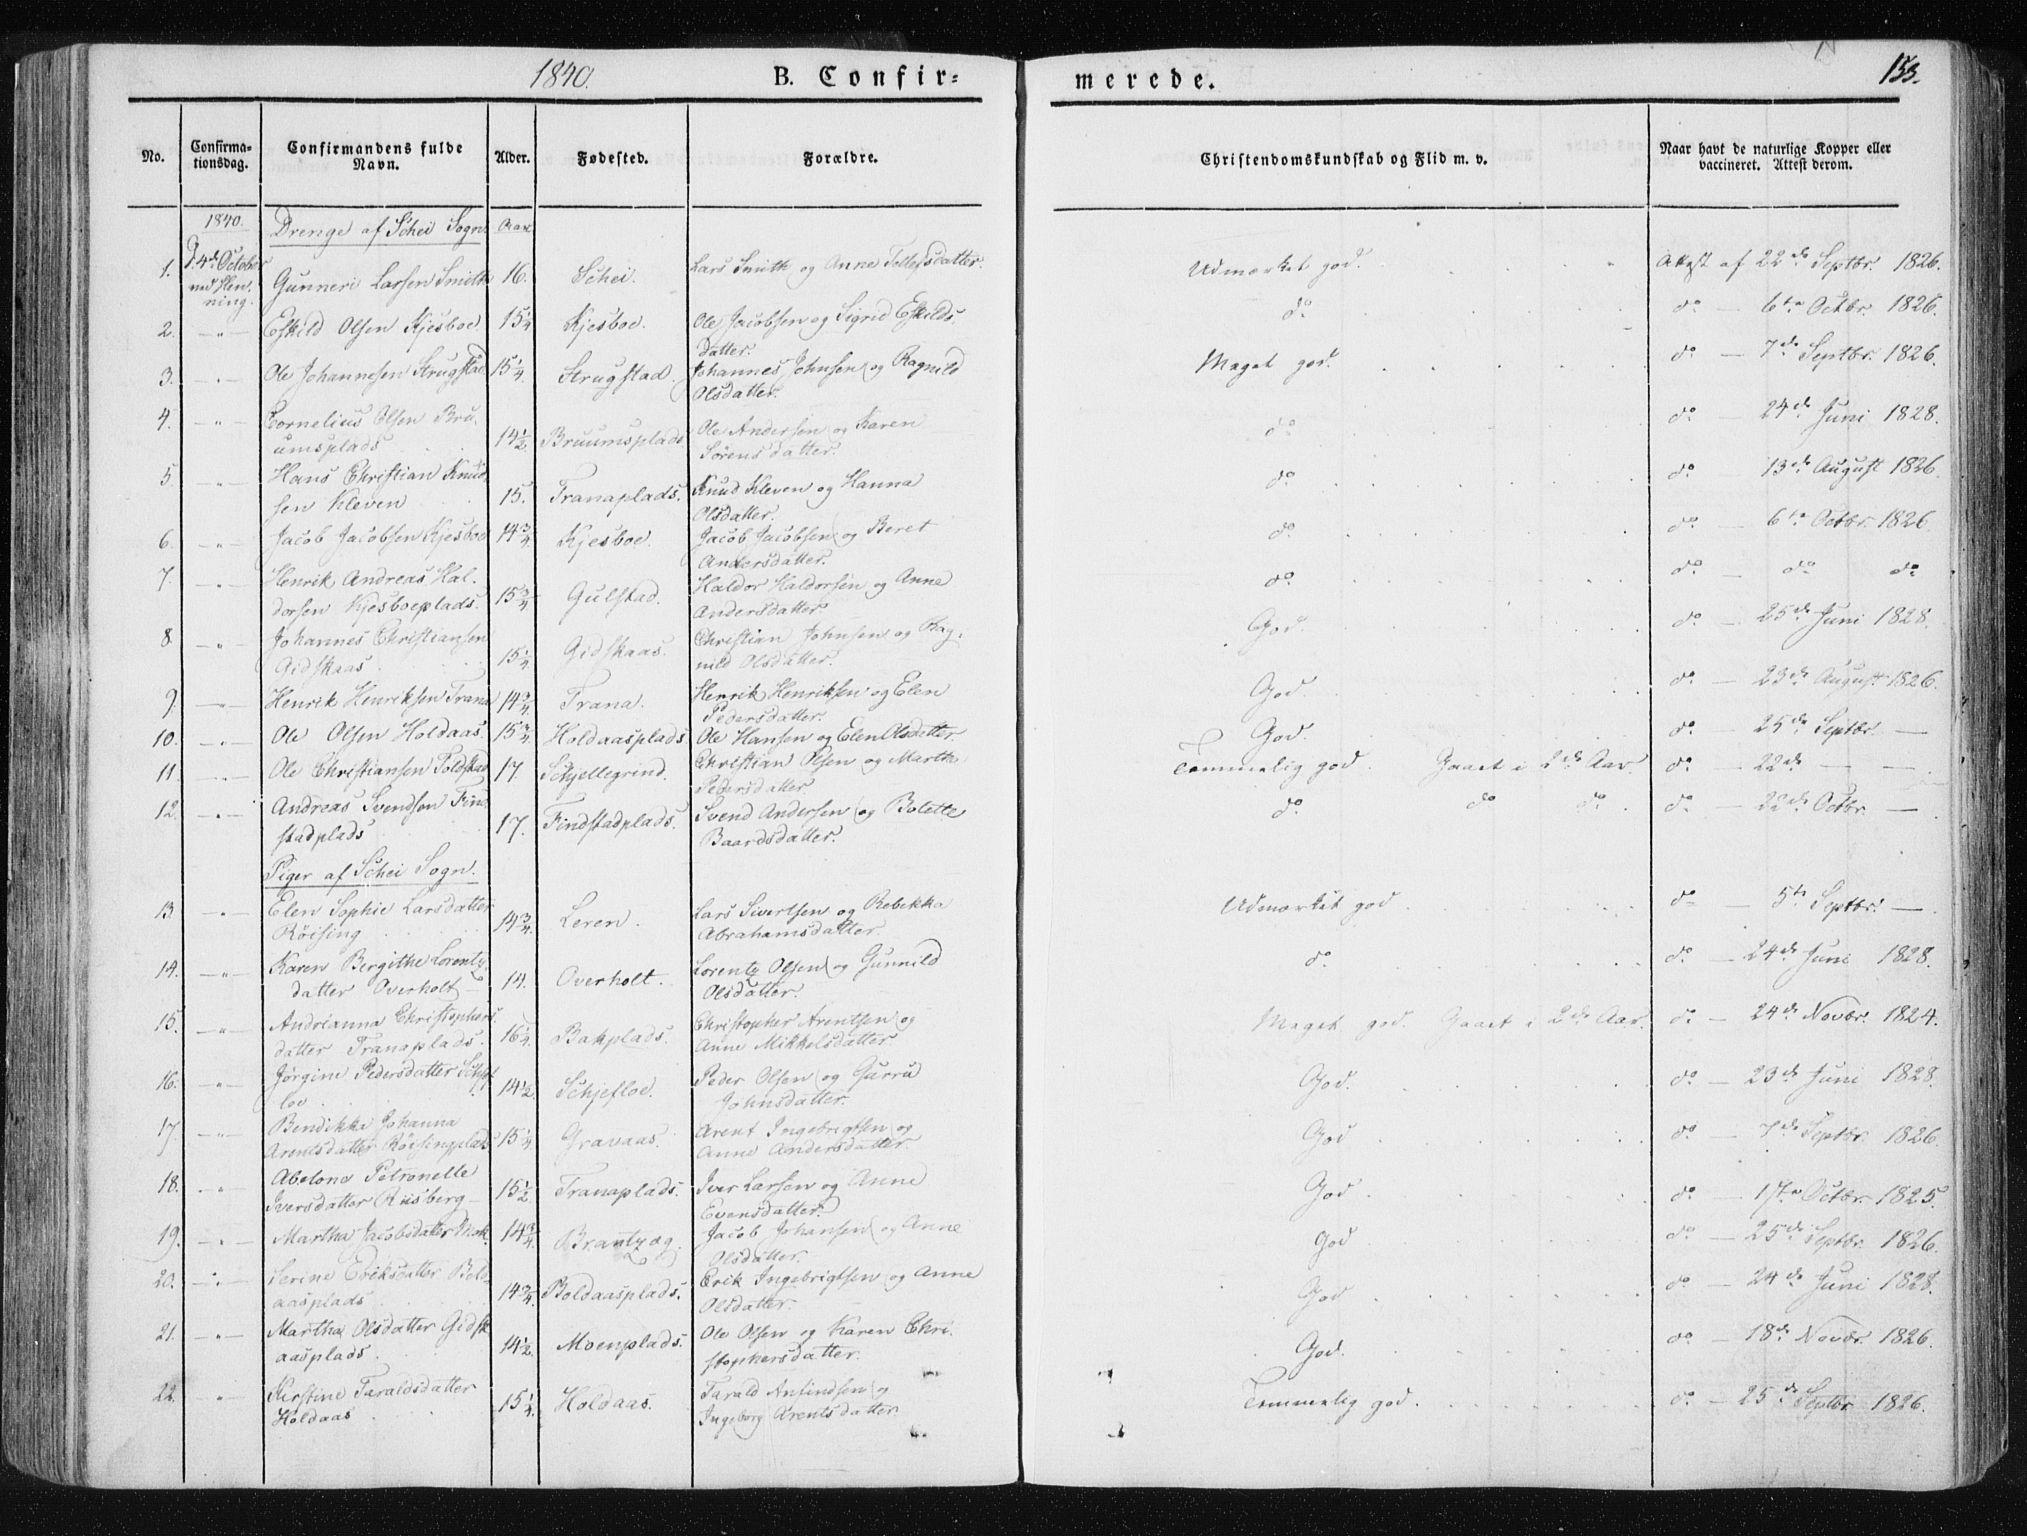 SAT, Ministerialprotokoller, klokkerbøker og fødselsregistre - Nord-Trøndelag, 735/L0339: Ministerialbok nr. 735A06 /1, 1836-1848, s. 153